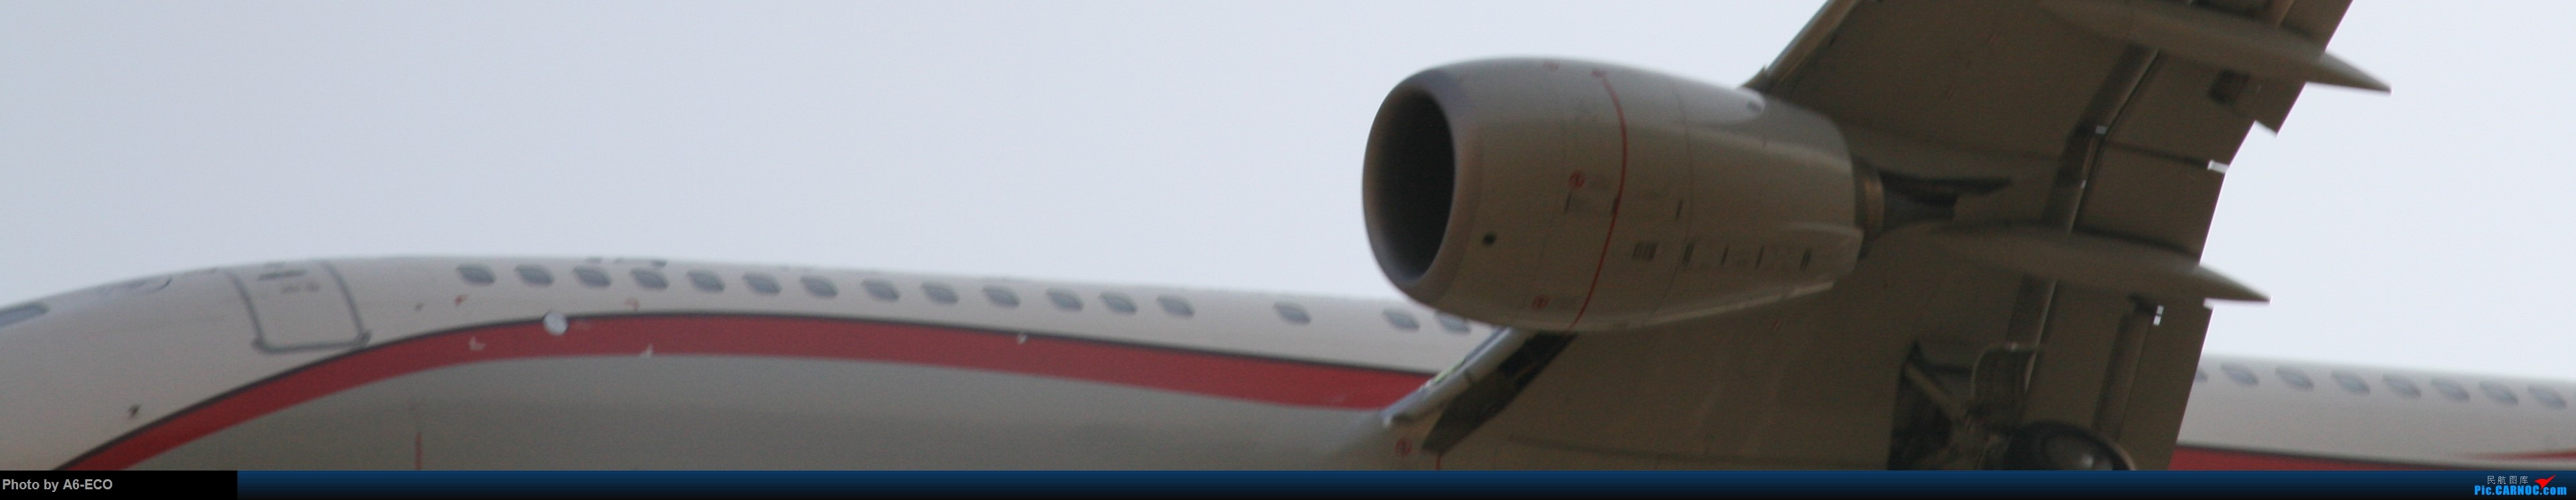 Re:[原创]大家双十一都du'o了什么?我在pek拍机 BOEING 737-800 B-1265 中国北京首都国际机场